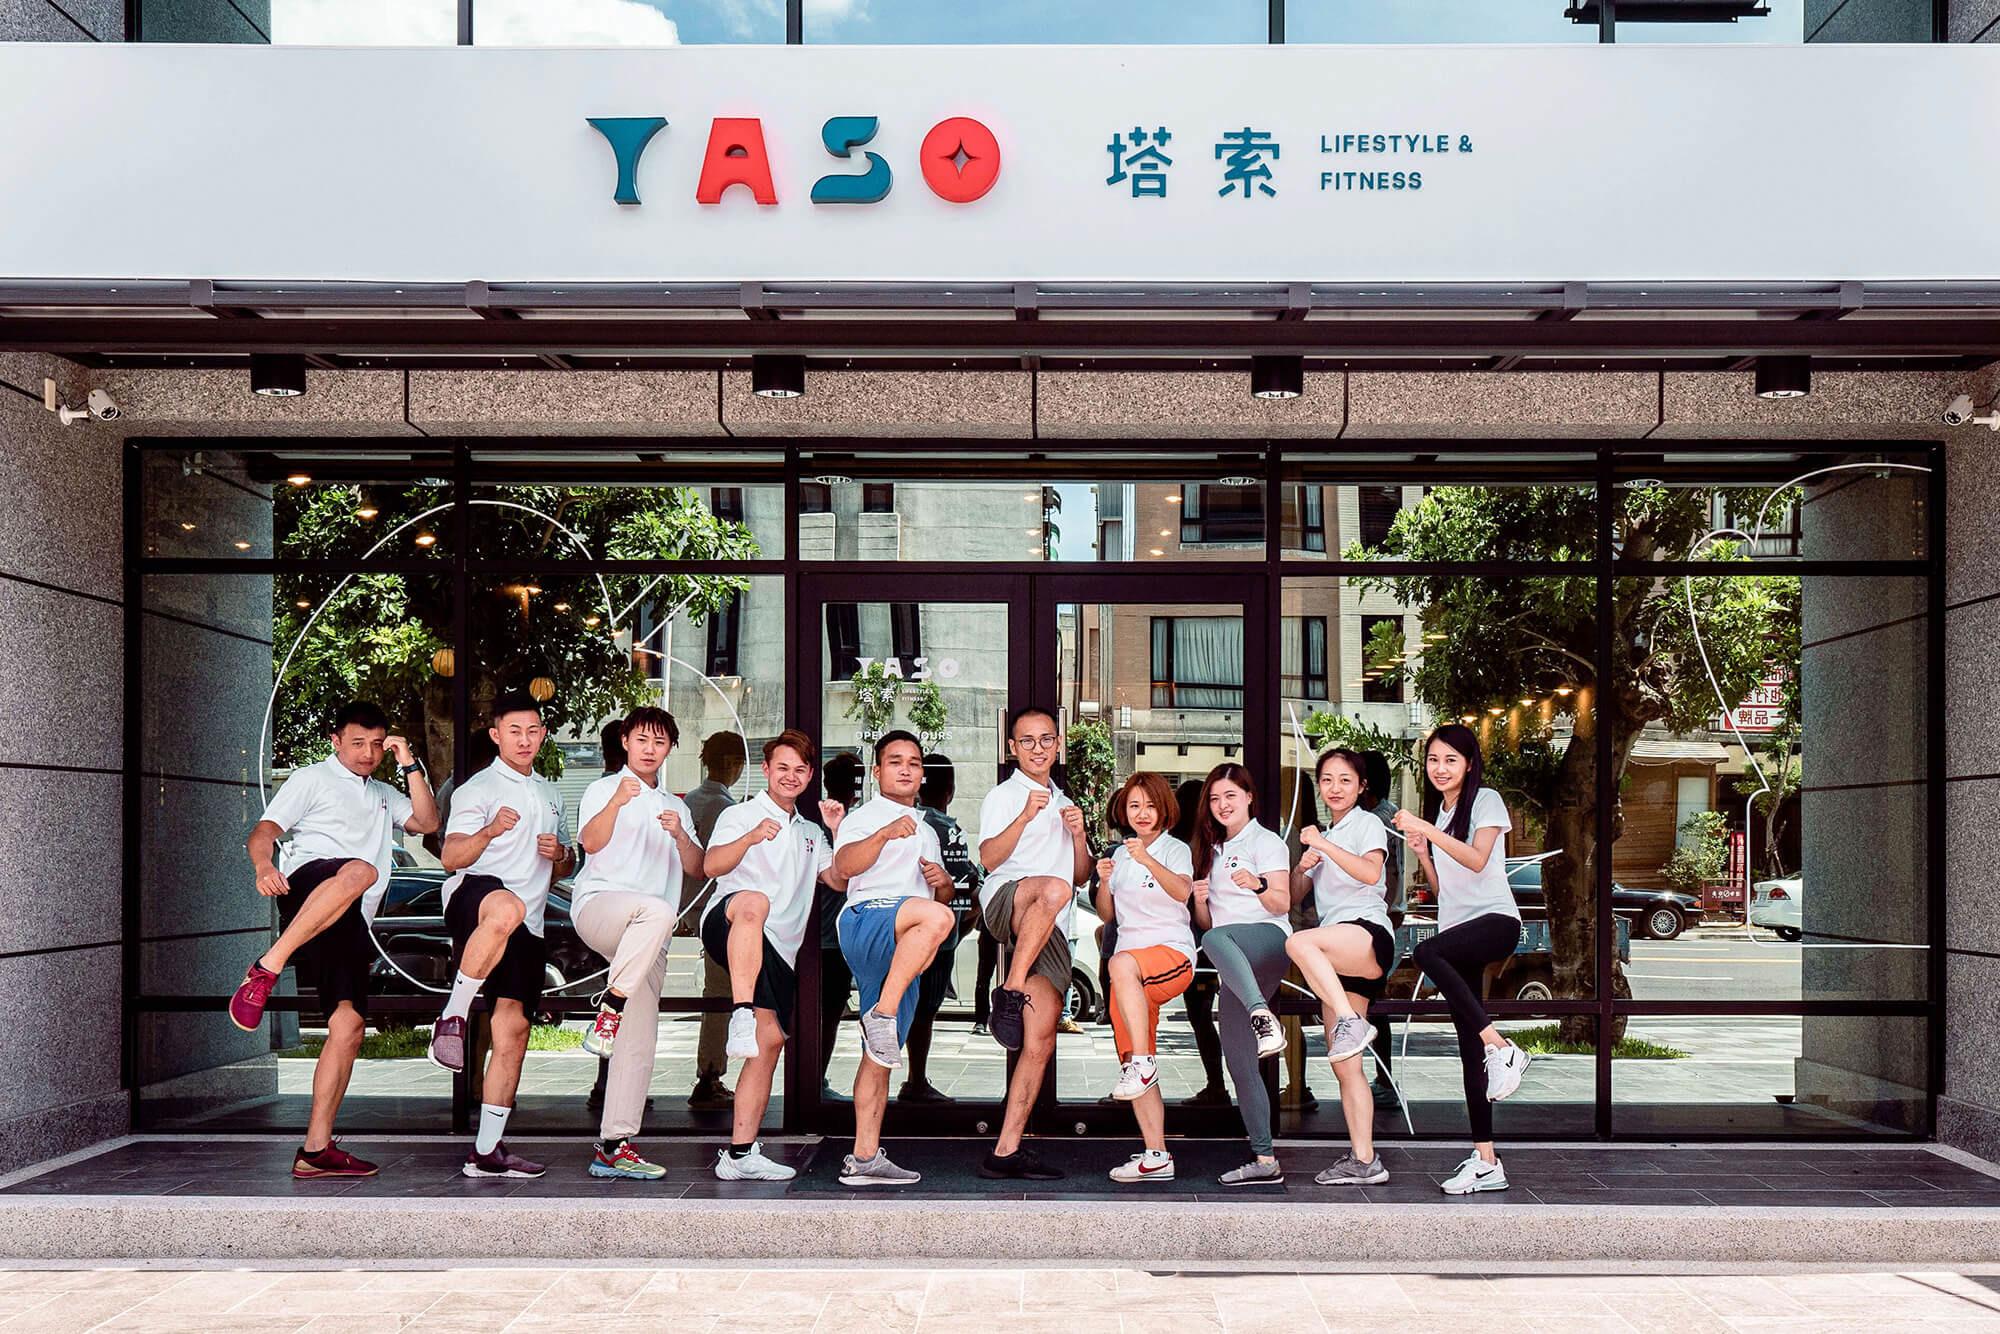 嘉義健身房室內空間設計-專業團隊合照|塔索肌力與體能訓練中心